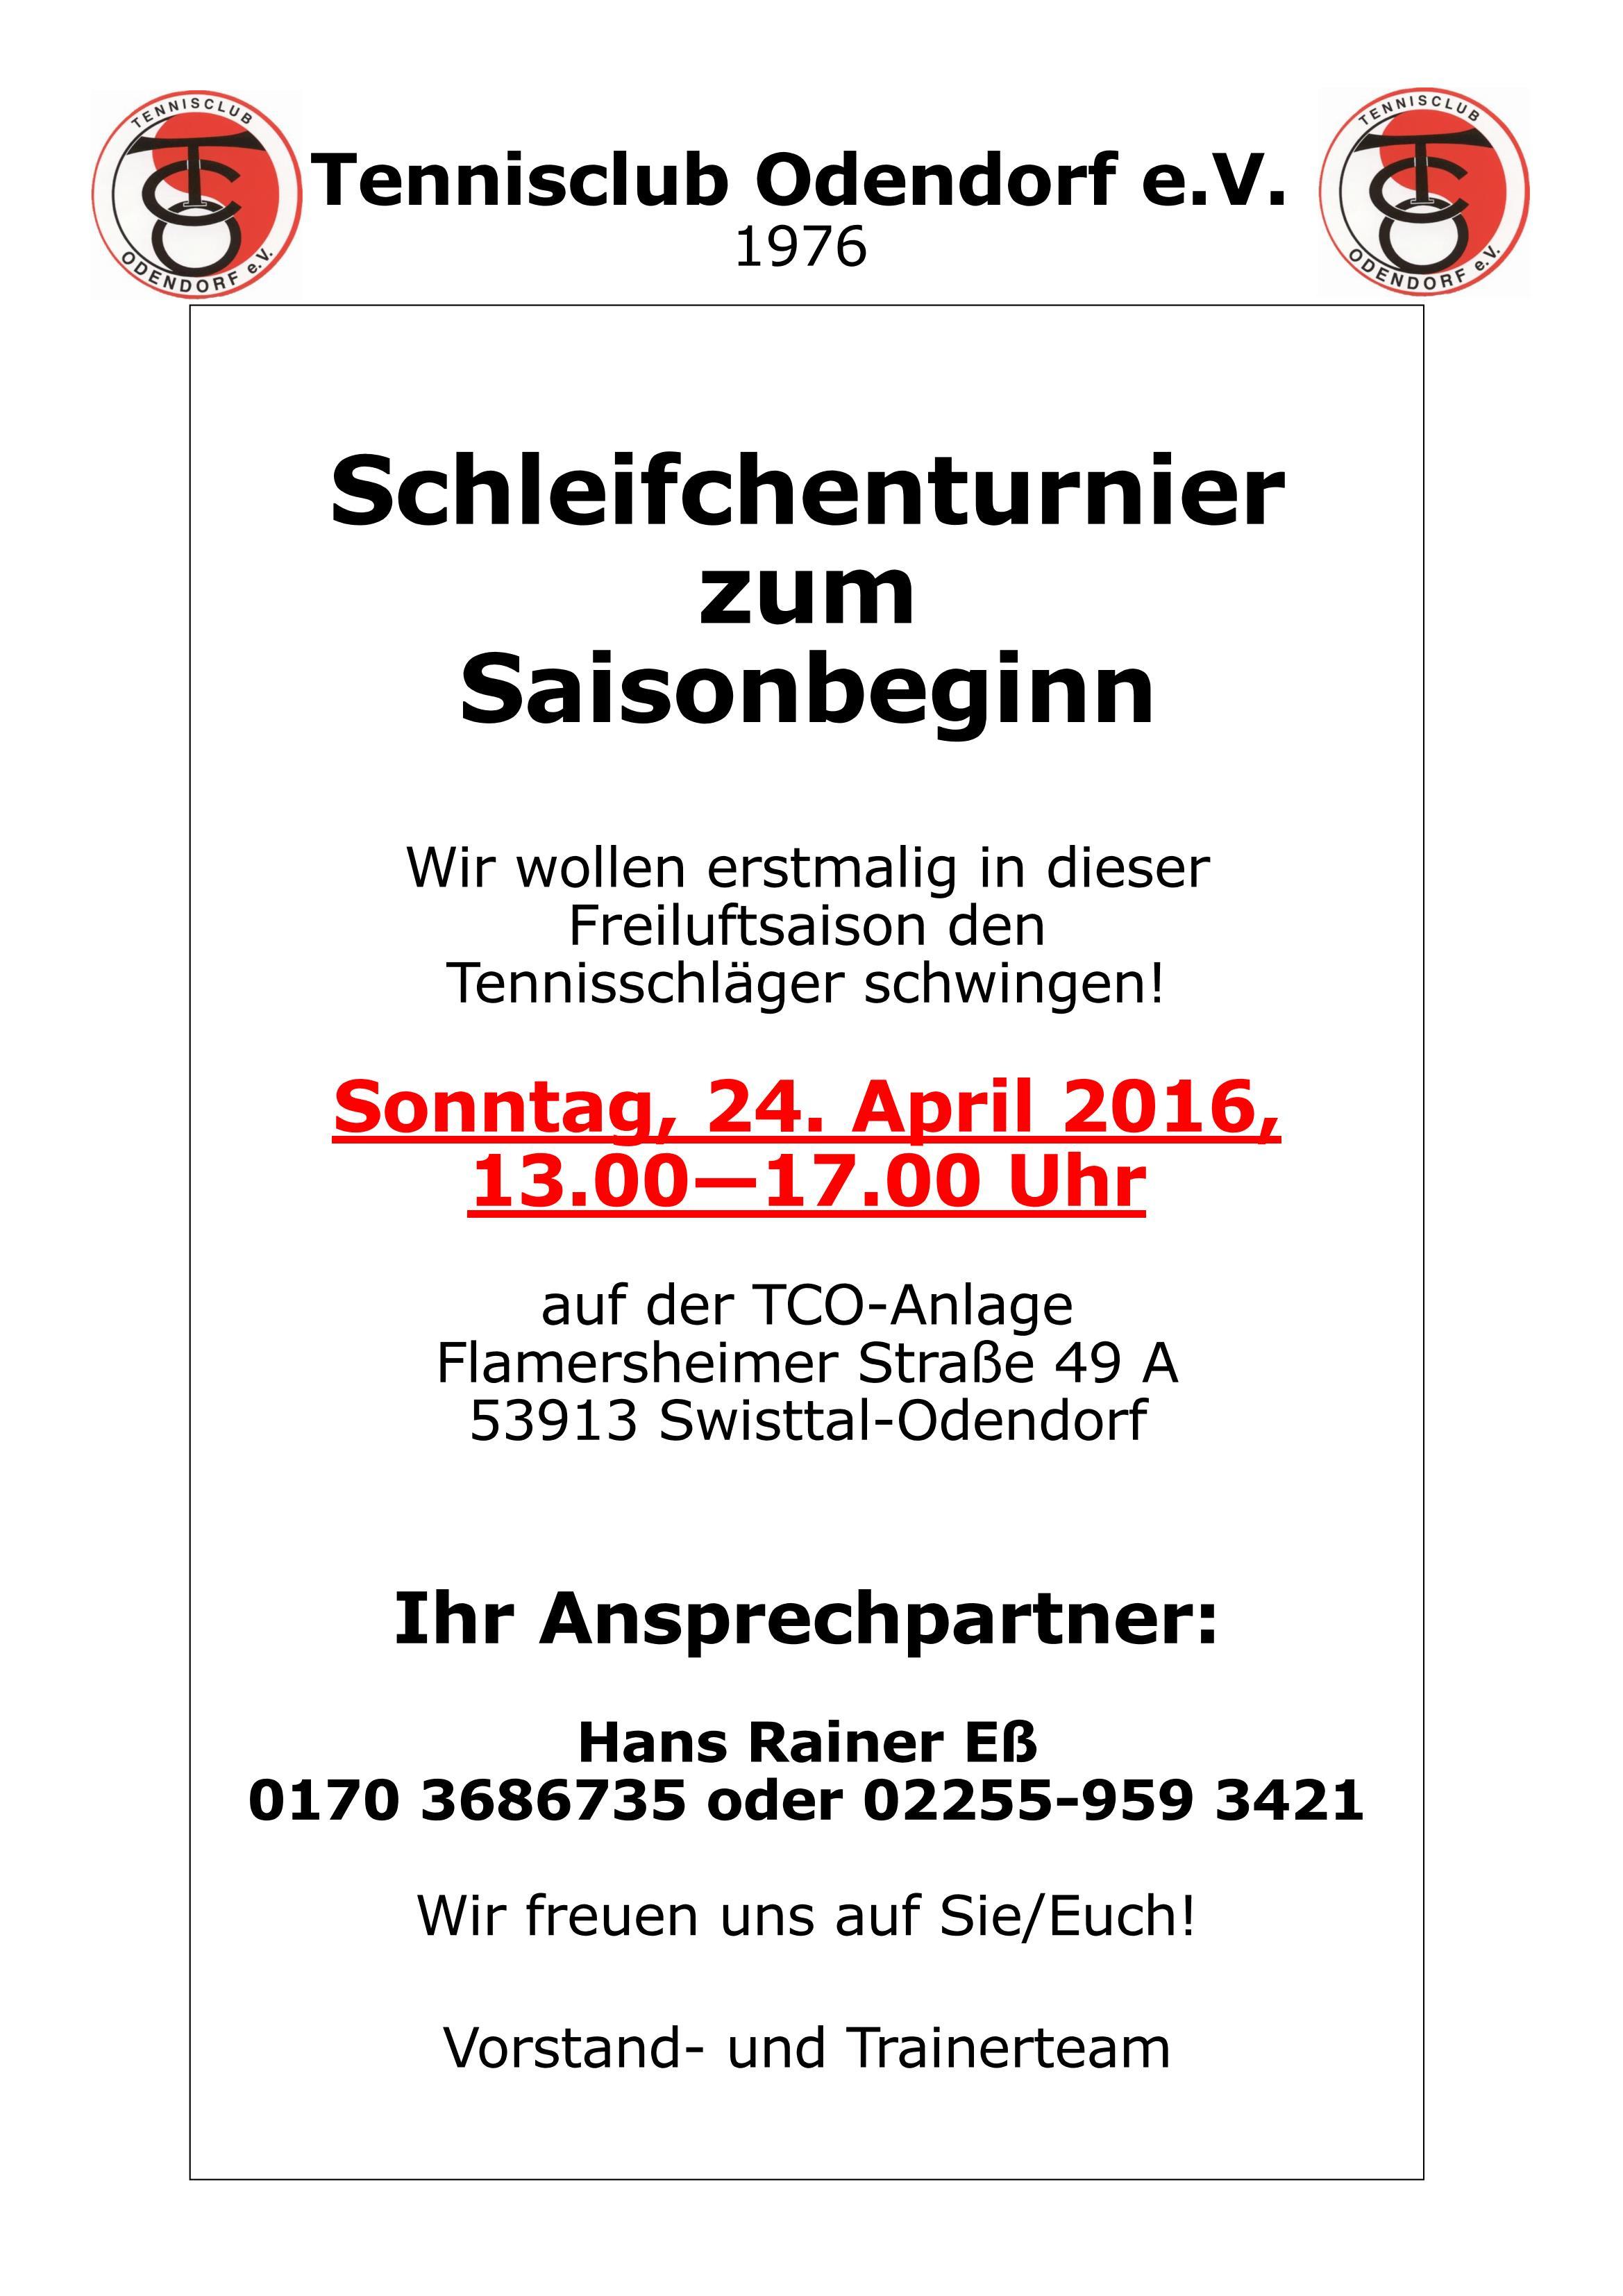 2016-04-13 Schleifchenturnier_A 3_Page_1